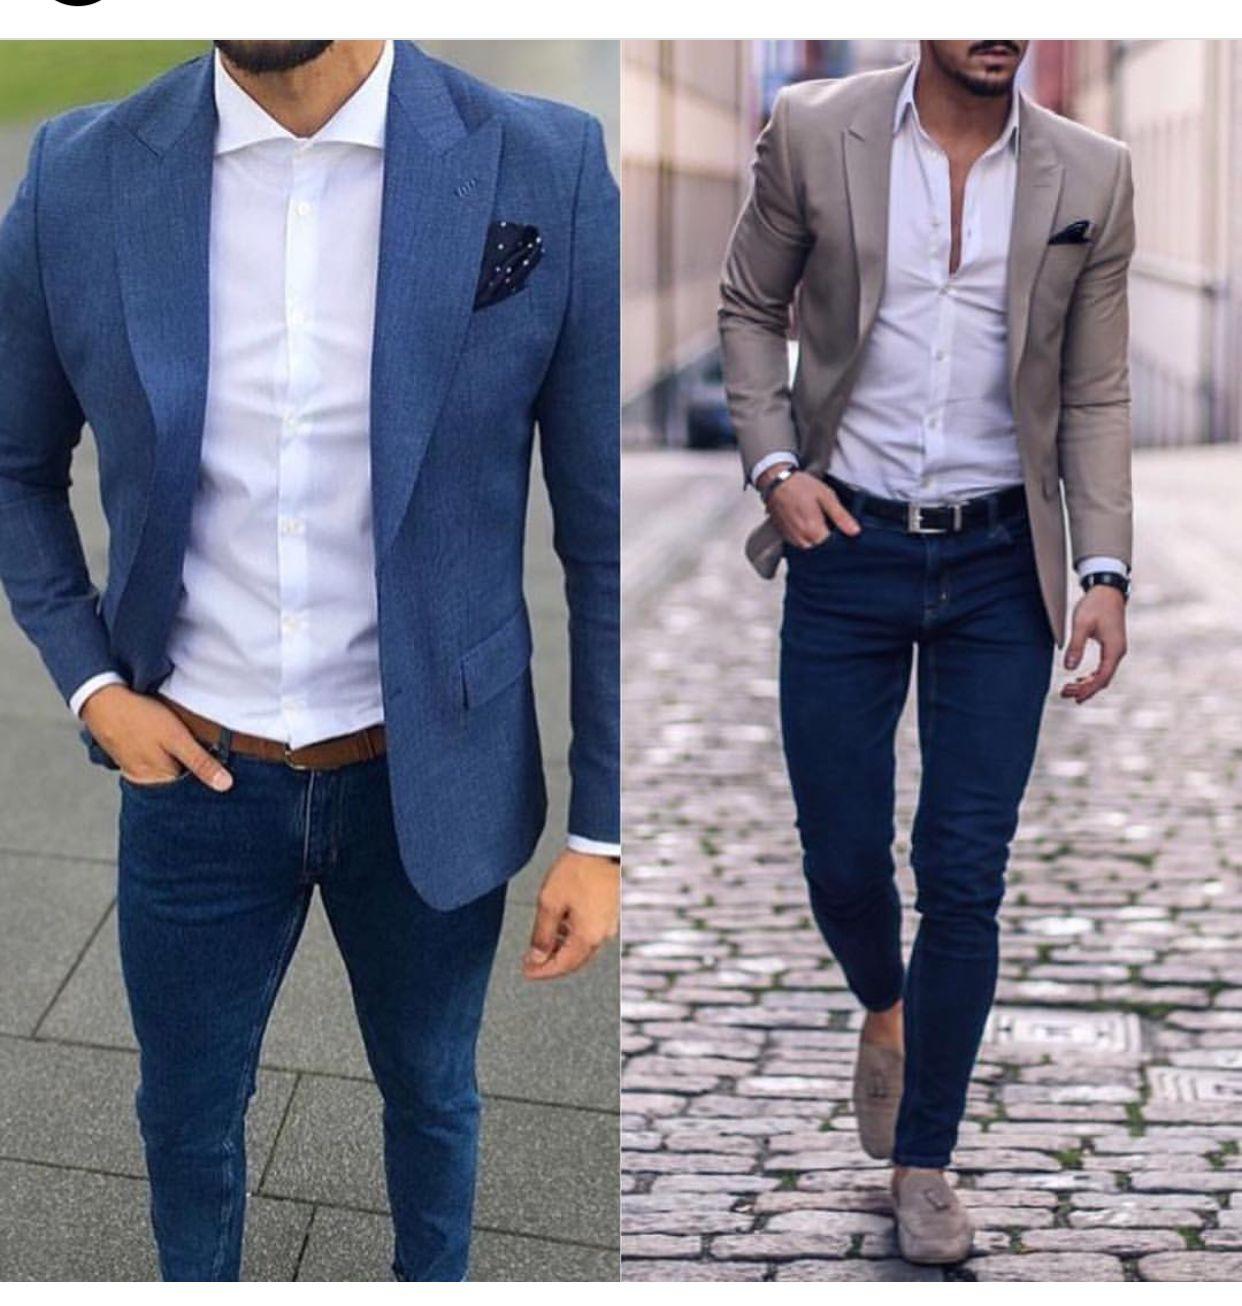 Manstyles-Bild Von Imukler | Anzug Mode, Männliche Mode